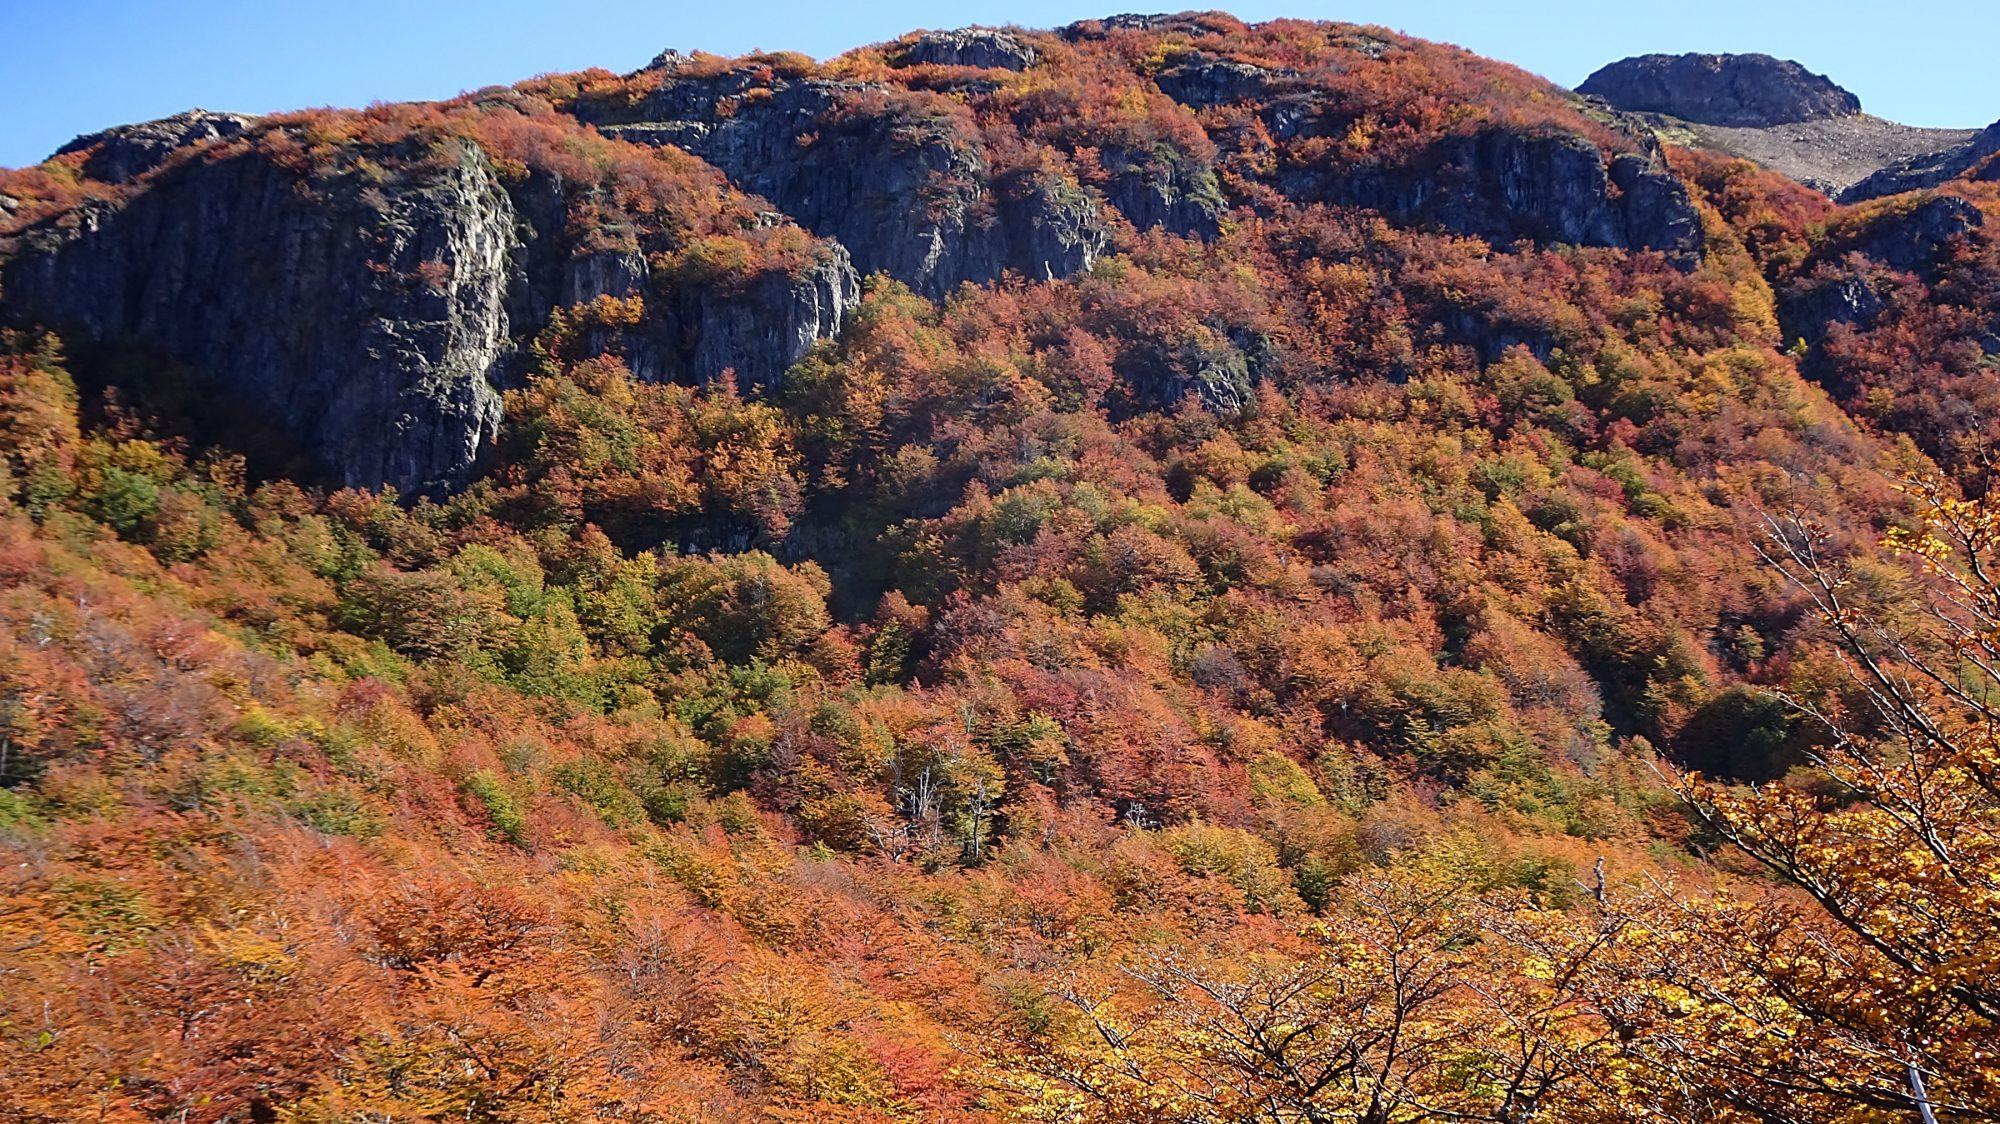 Fjella El Bolson Wanderung Patagonien Warton Dedo Gordo Encanto Blanco Wanderroute Wandern Herbstwälder Berge